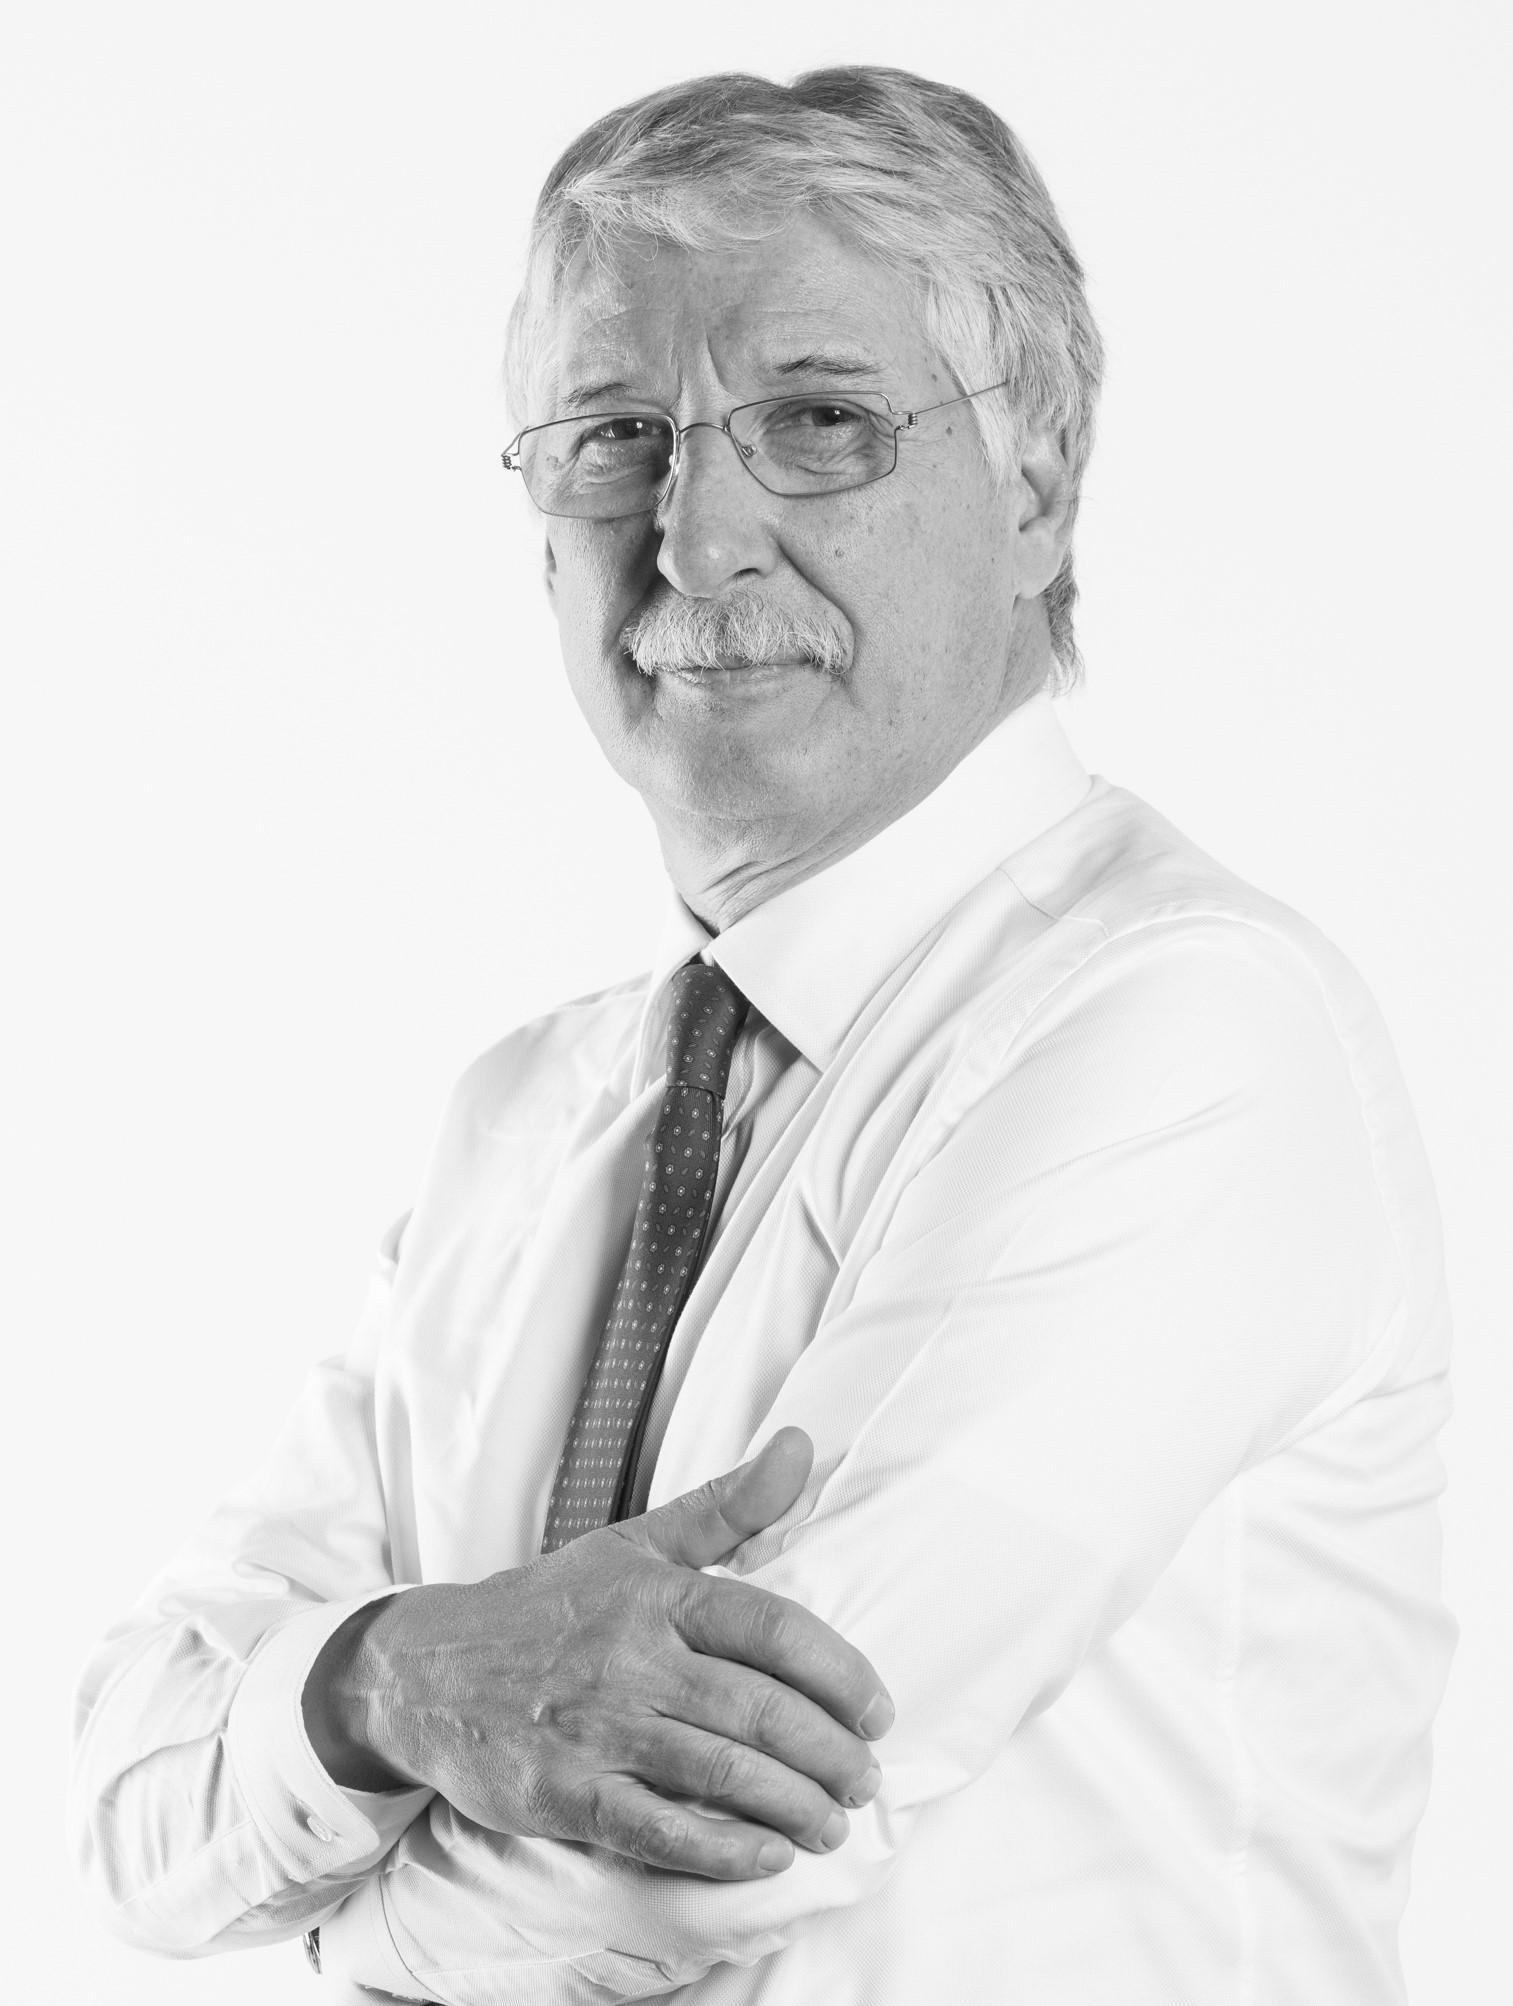 Sergio Campodallorto